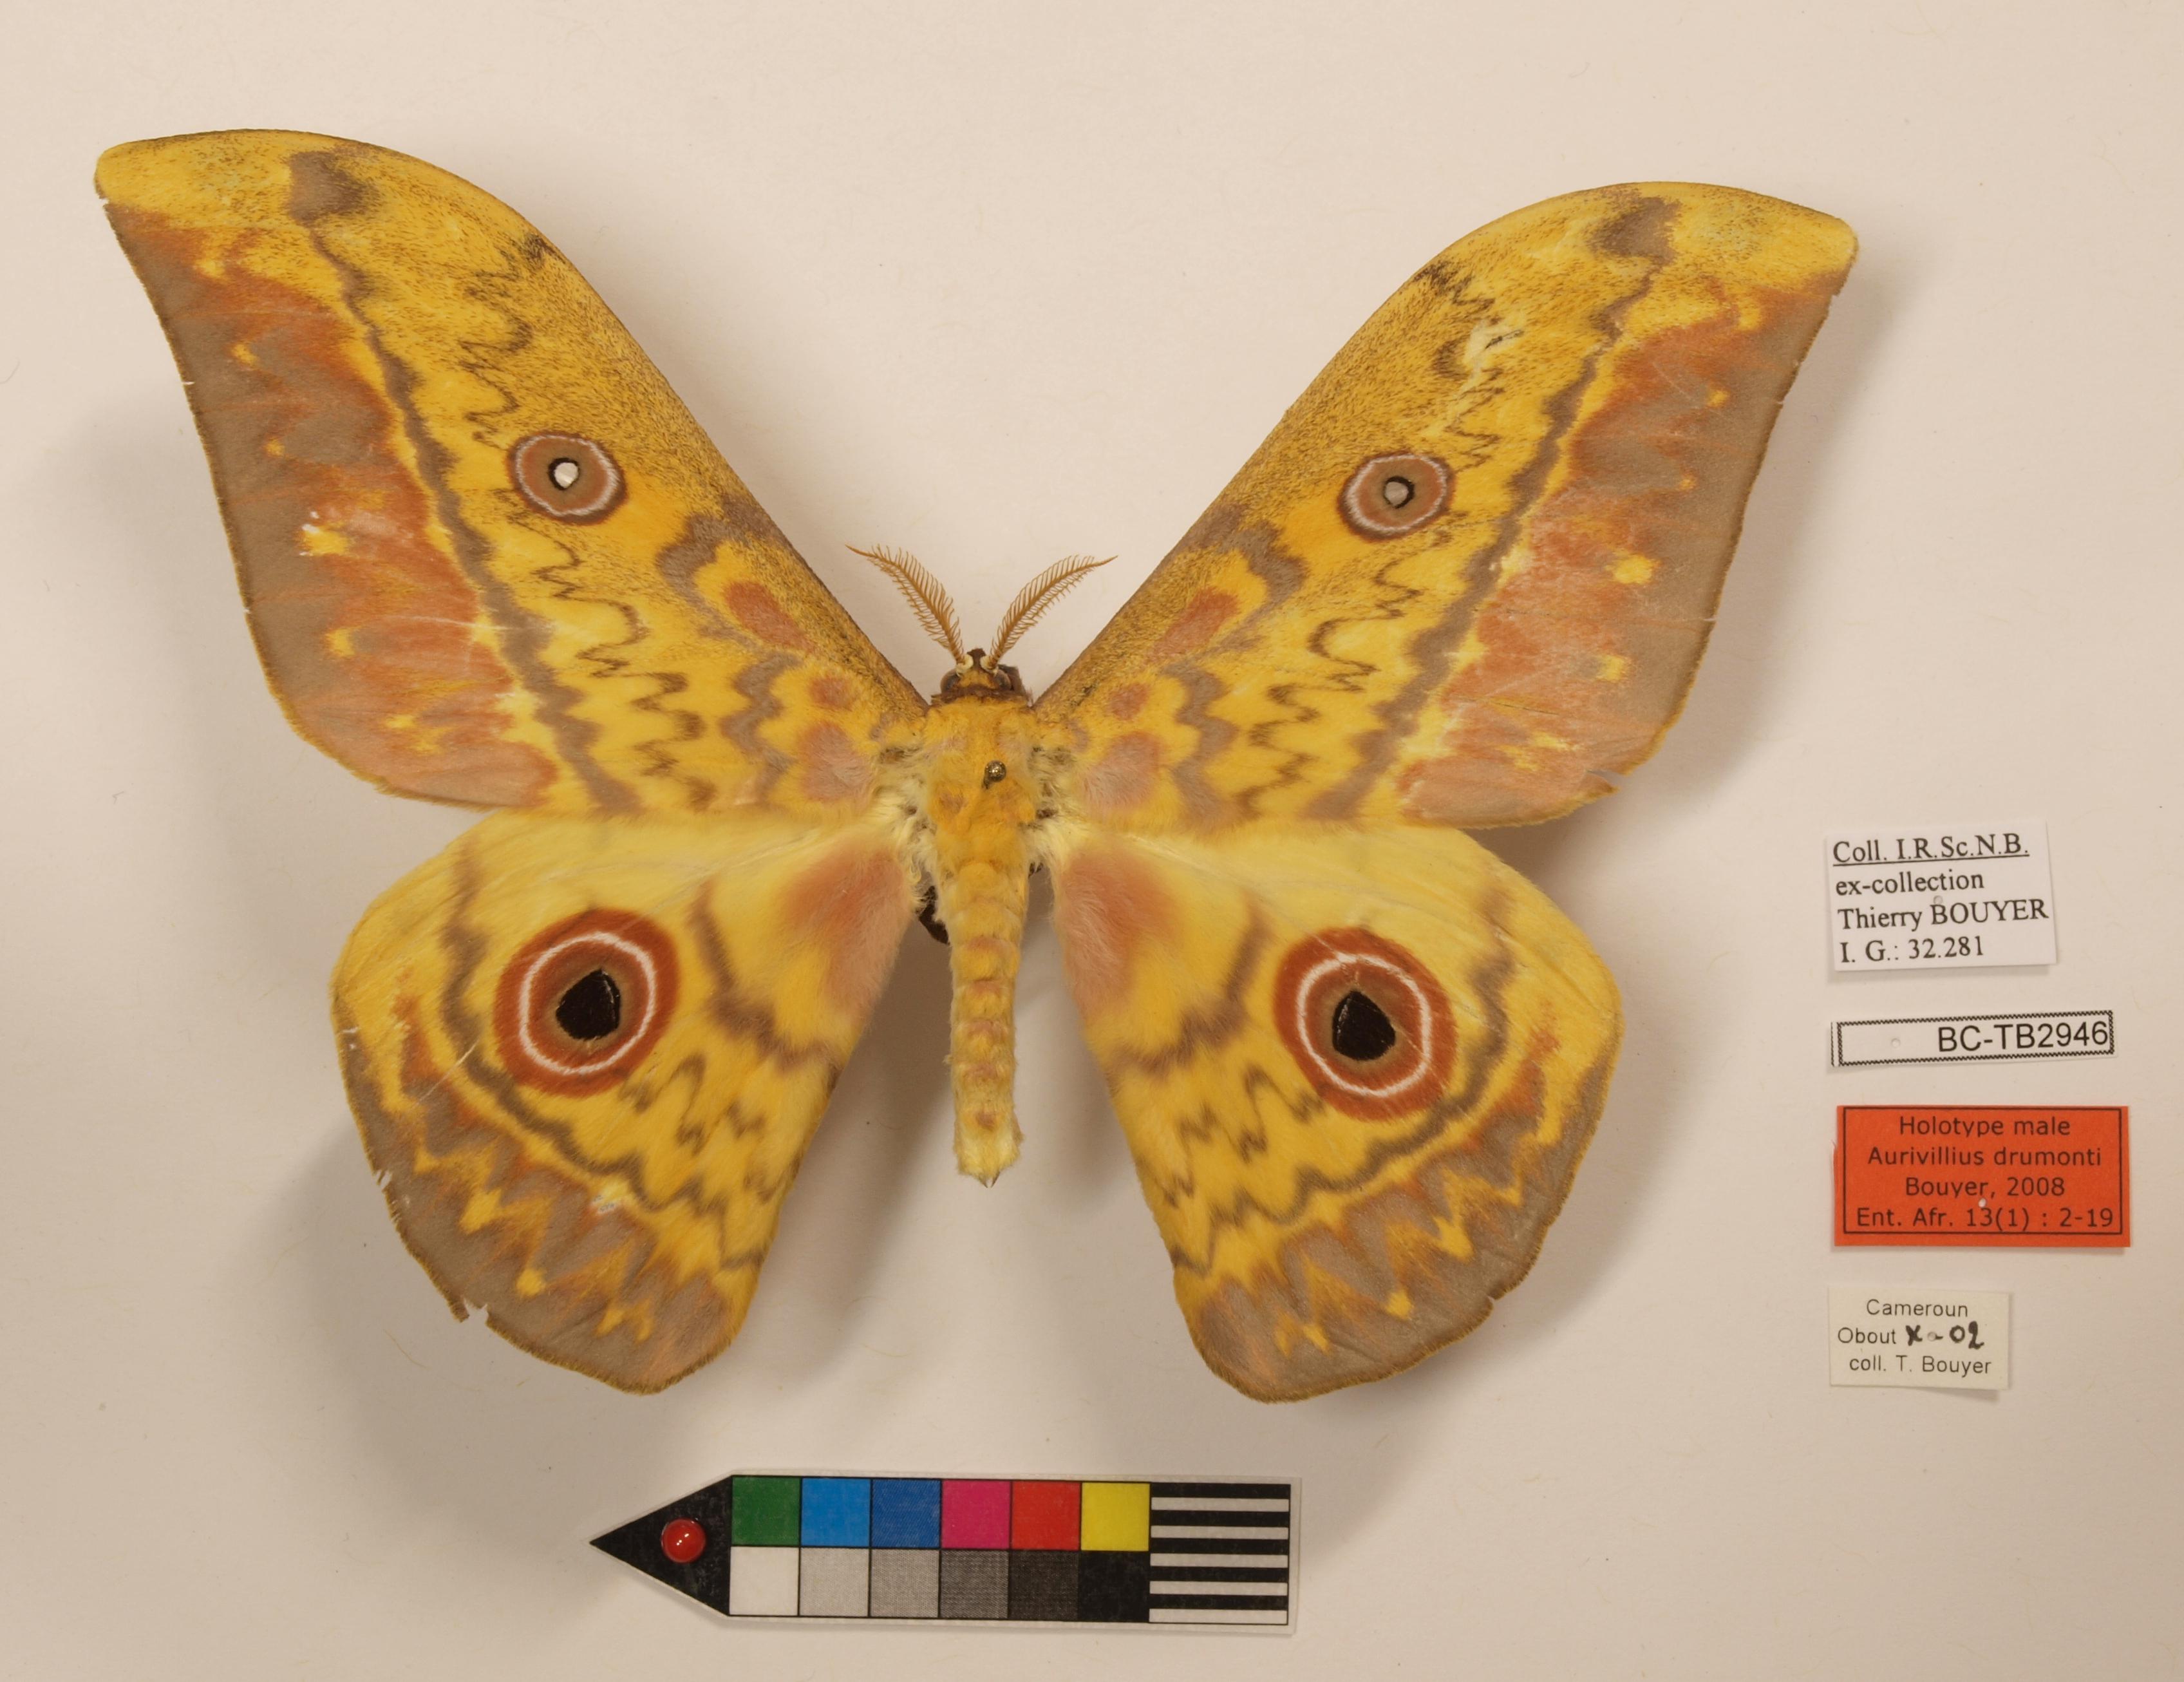 Aurivillius drumonti M Lb.JPG